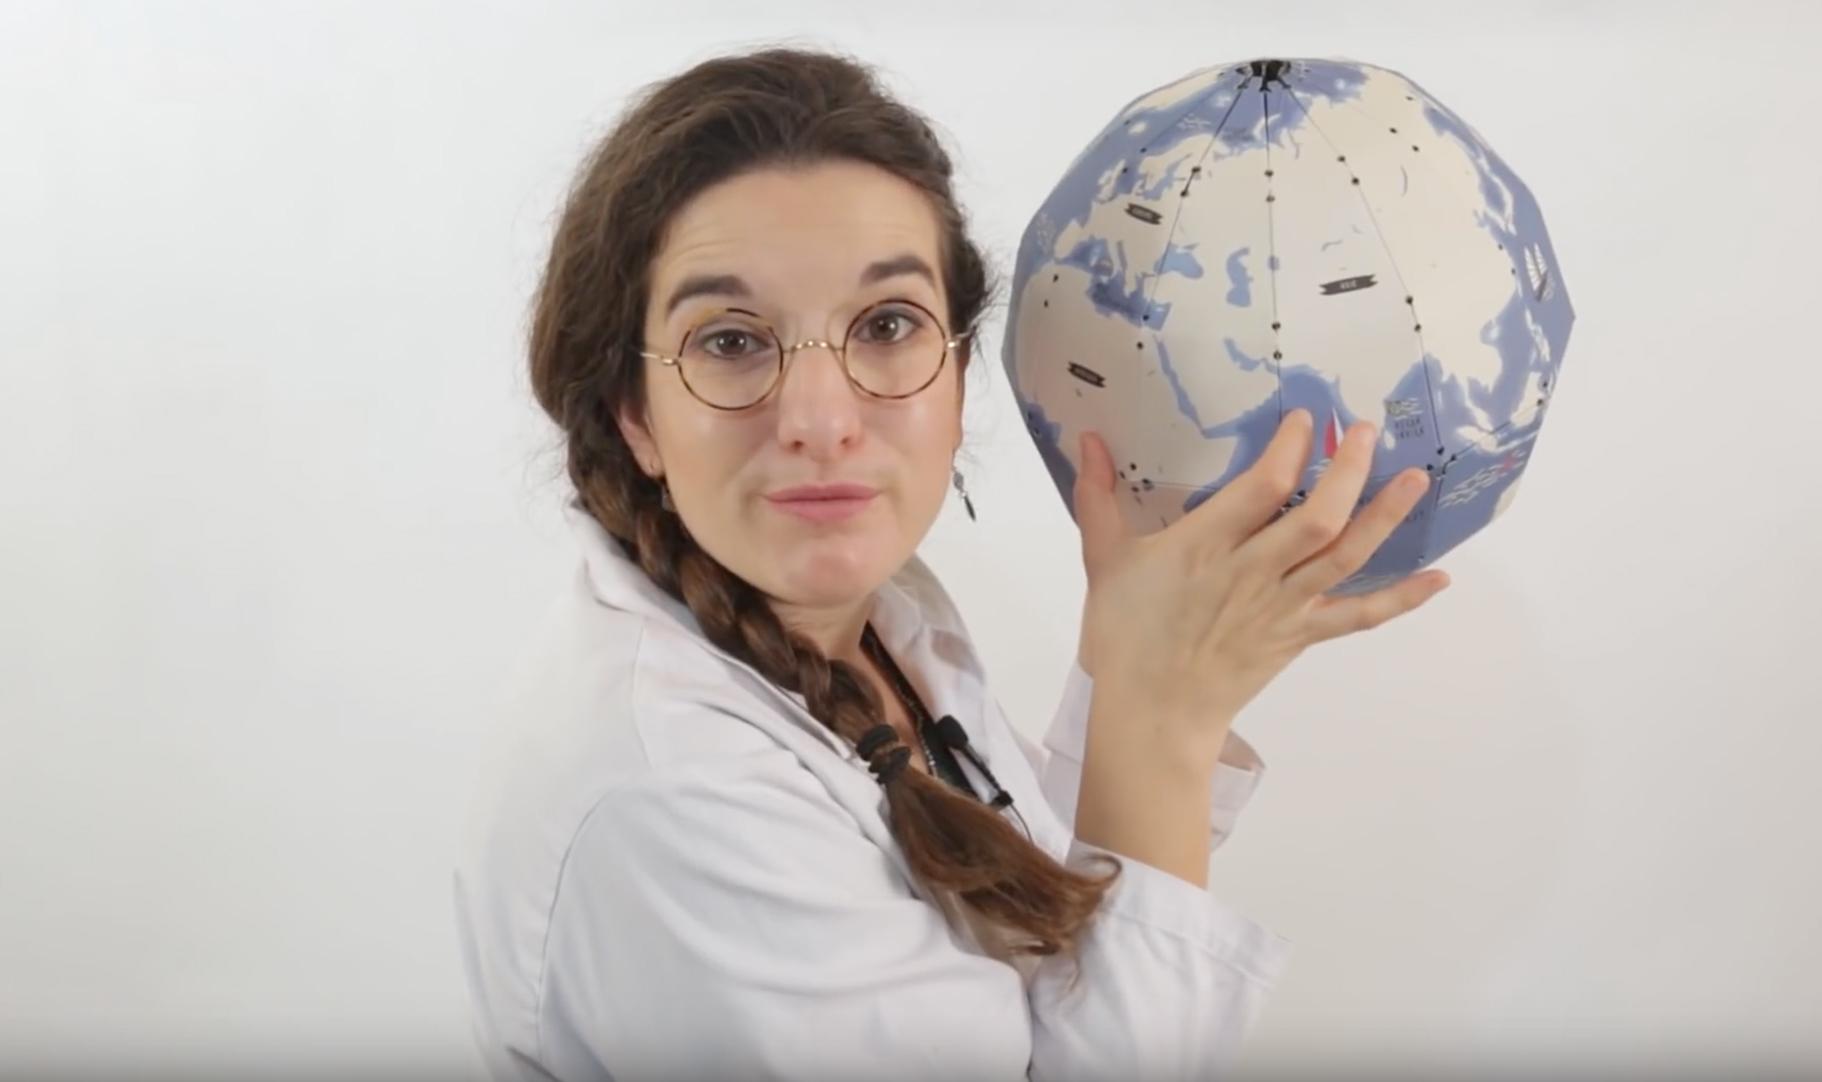 Ami des lobbies : climato-sceptique